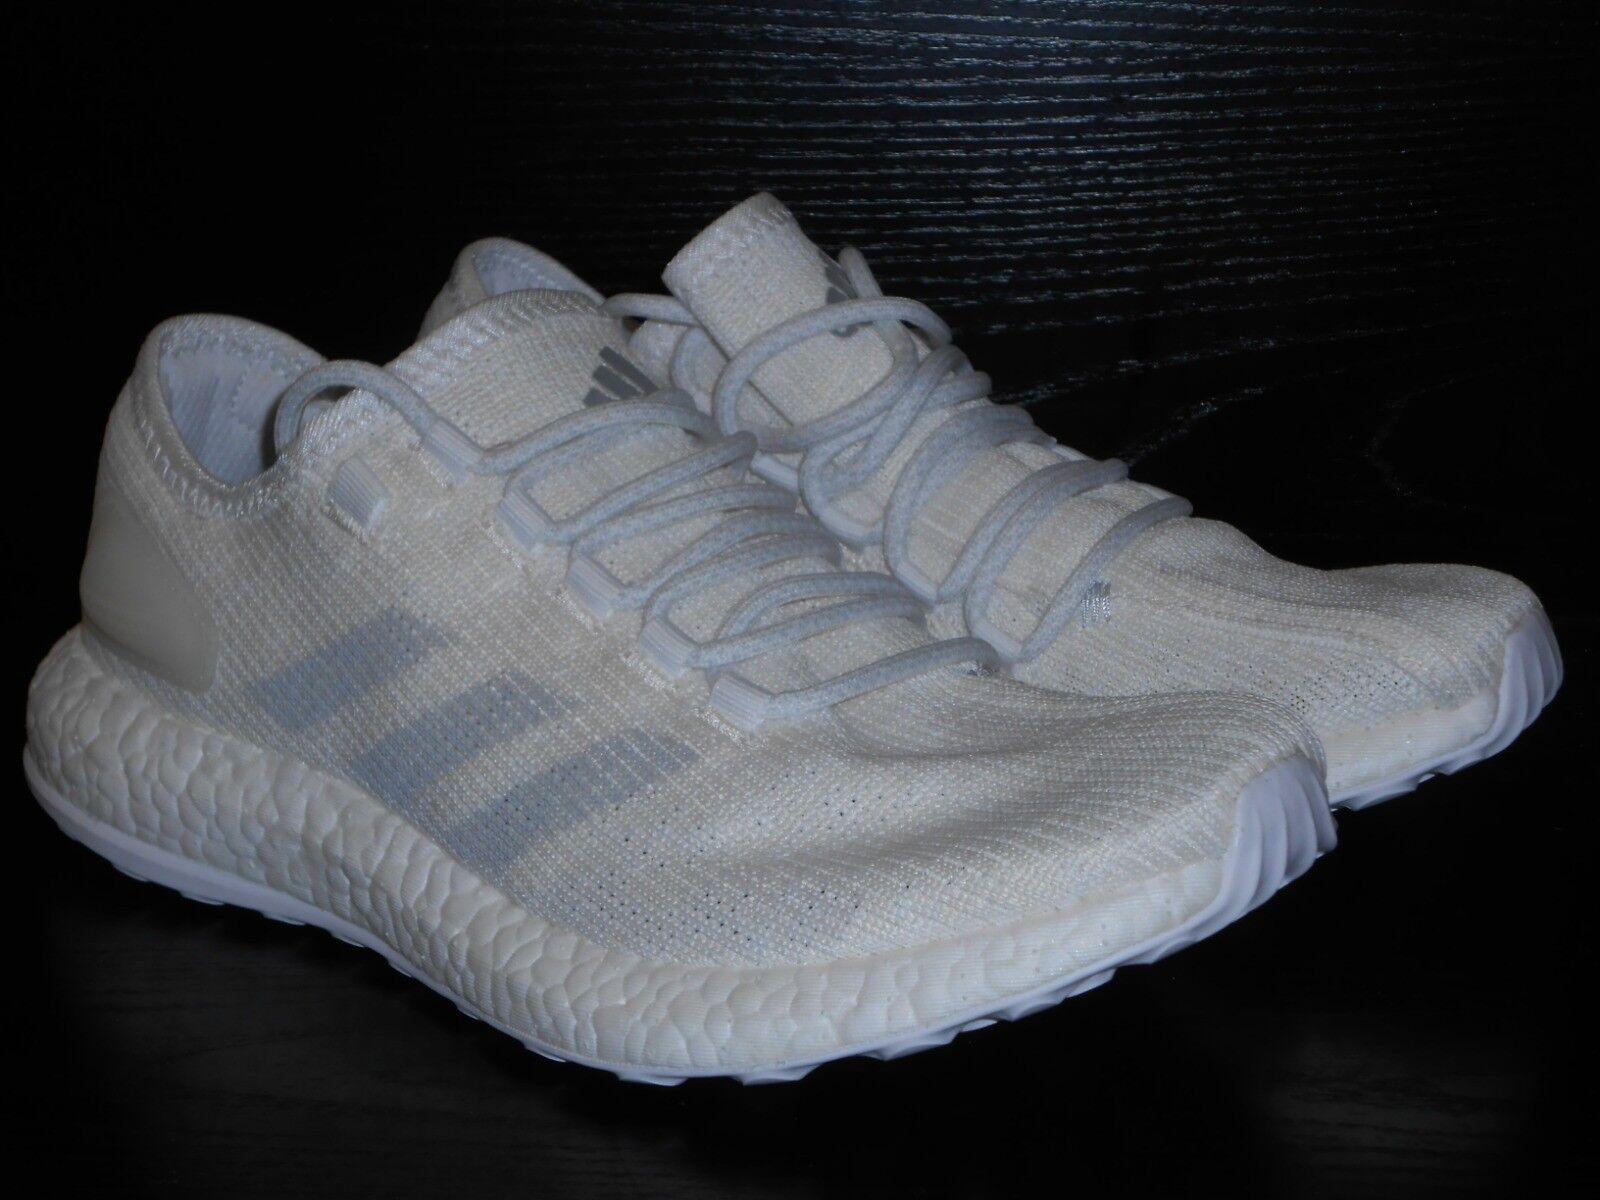 Adidas Sport Tennis Schuhe mit Swarovski Elementen in Gr. 37,5